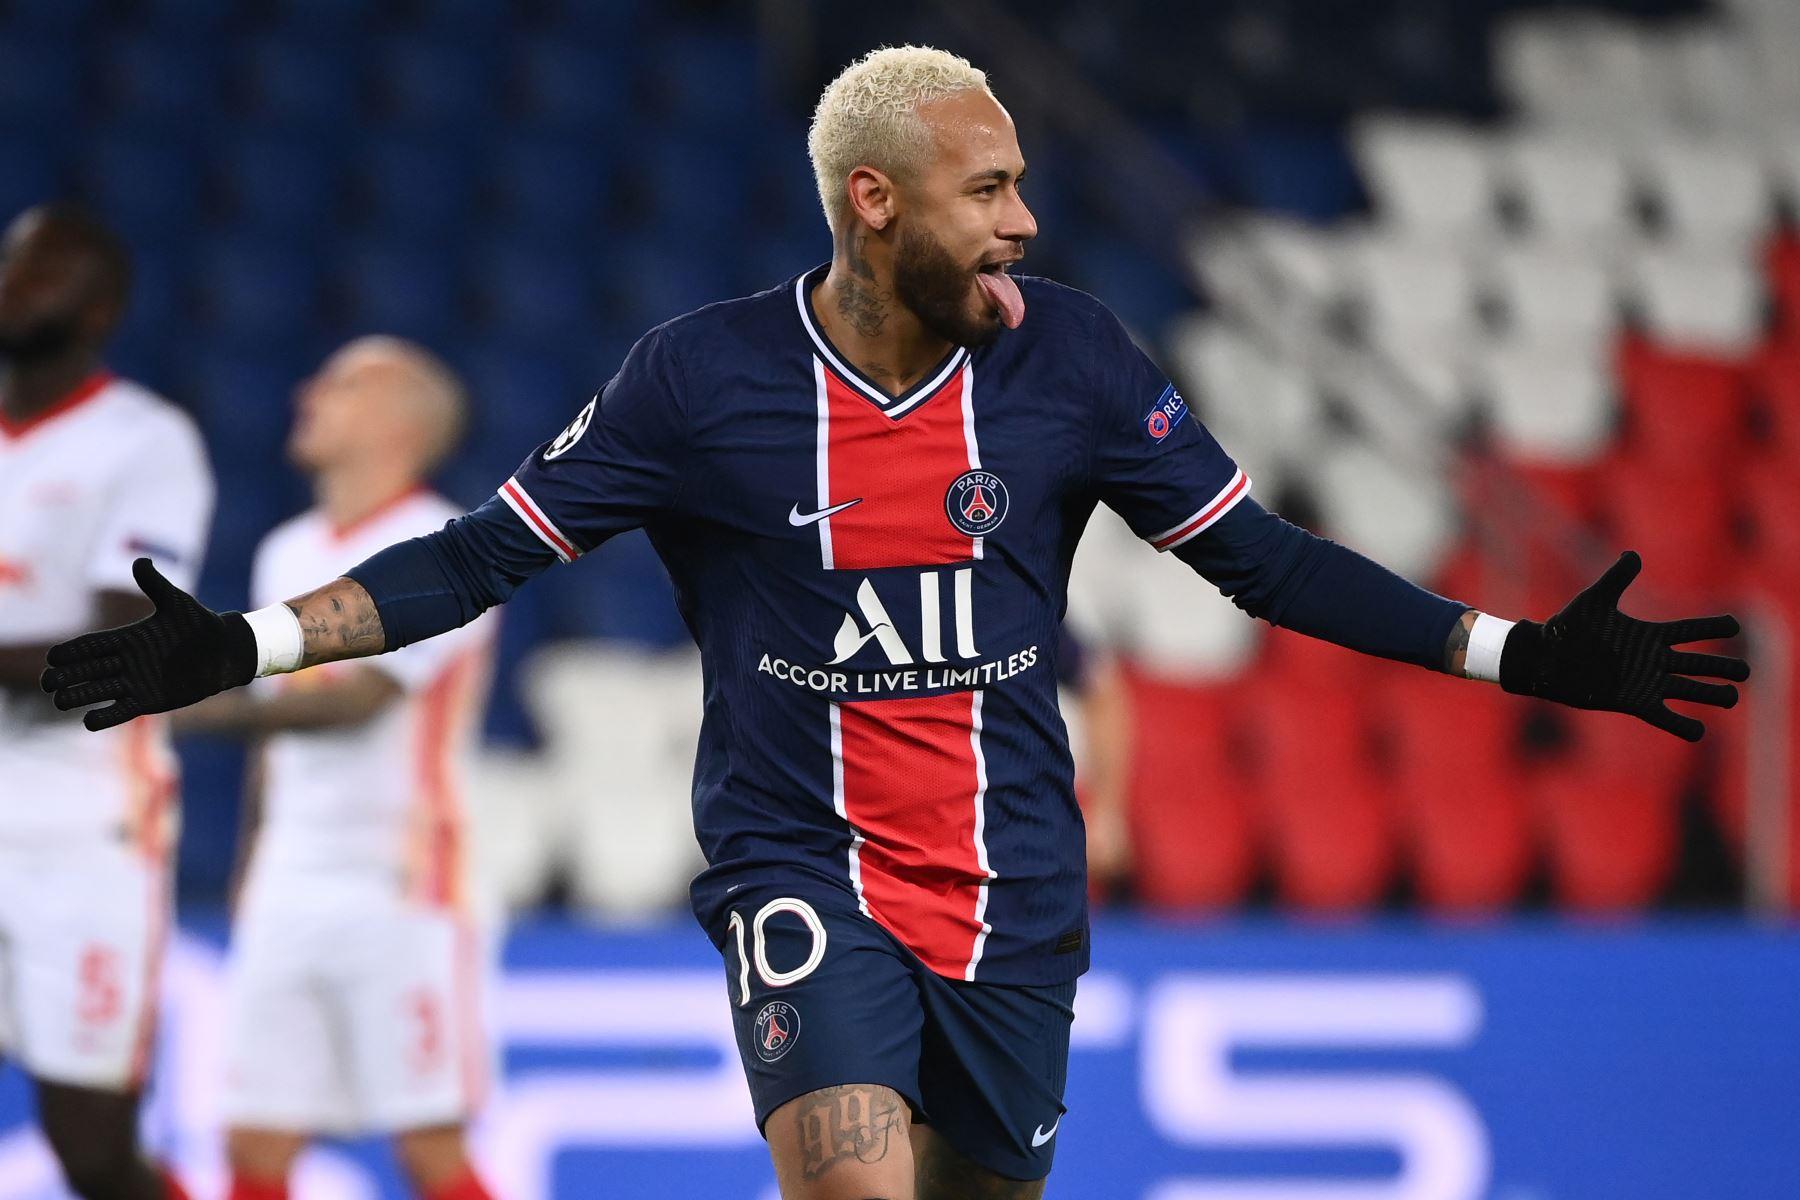 El delantero brasileño del Paris Saint-Germain, Neymar, celebra tras anotar un penalti durante el partido de vuelta del Grupo H de la Liga de Campeones de la UEFA. Foto: AFP